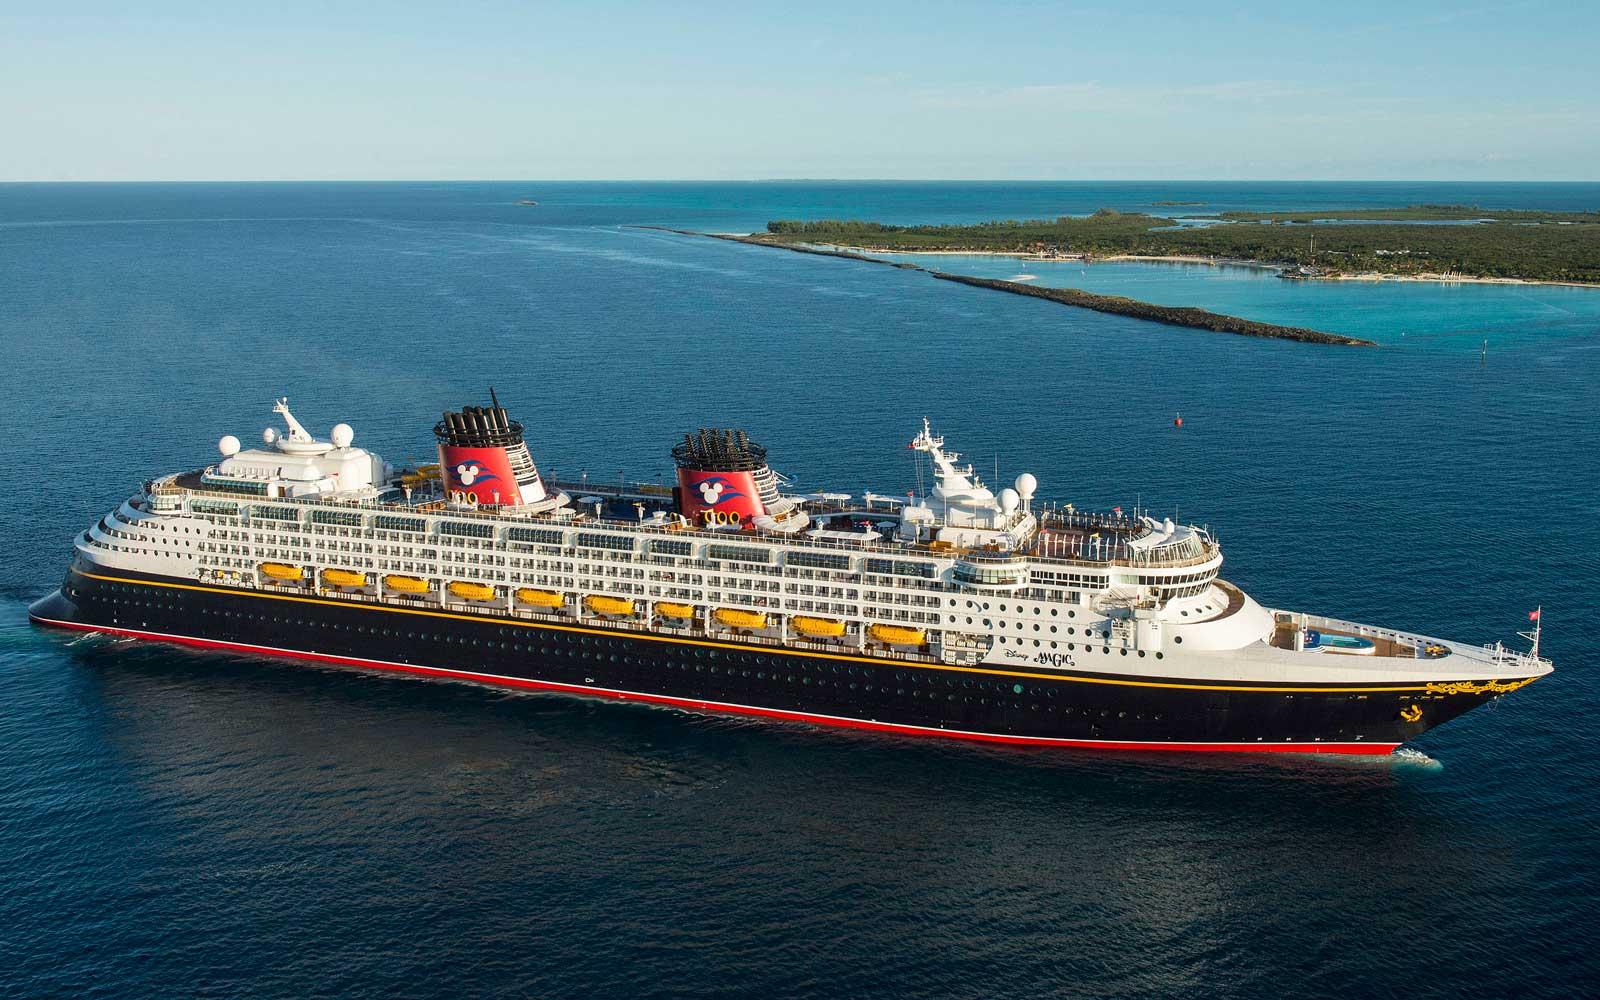 Disney Cruise Top Ten Tips to Enjoy the Disney Magic on